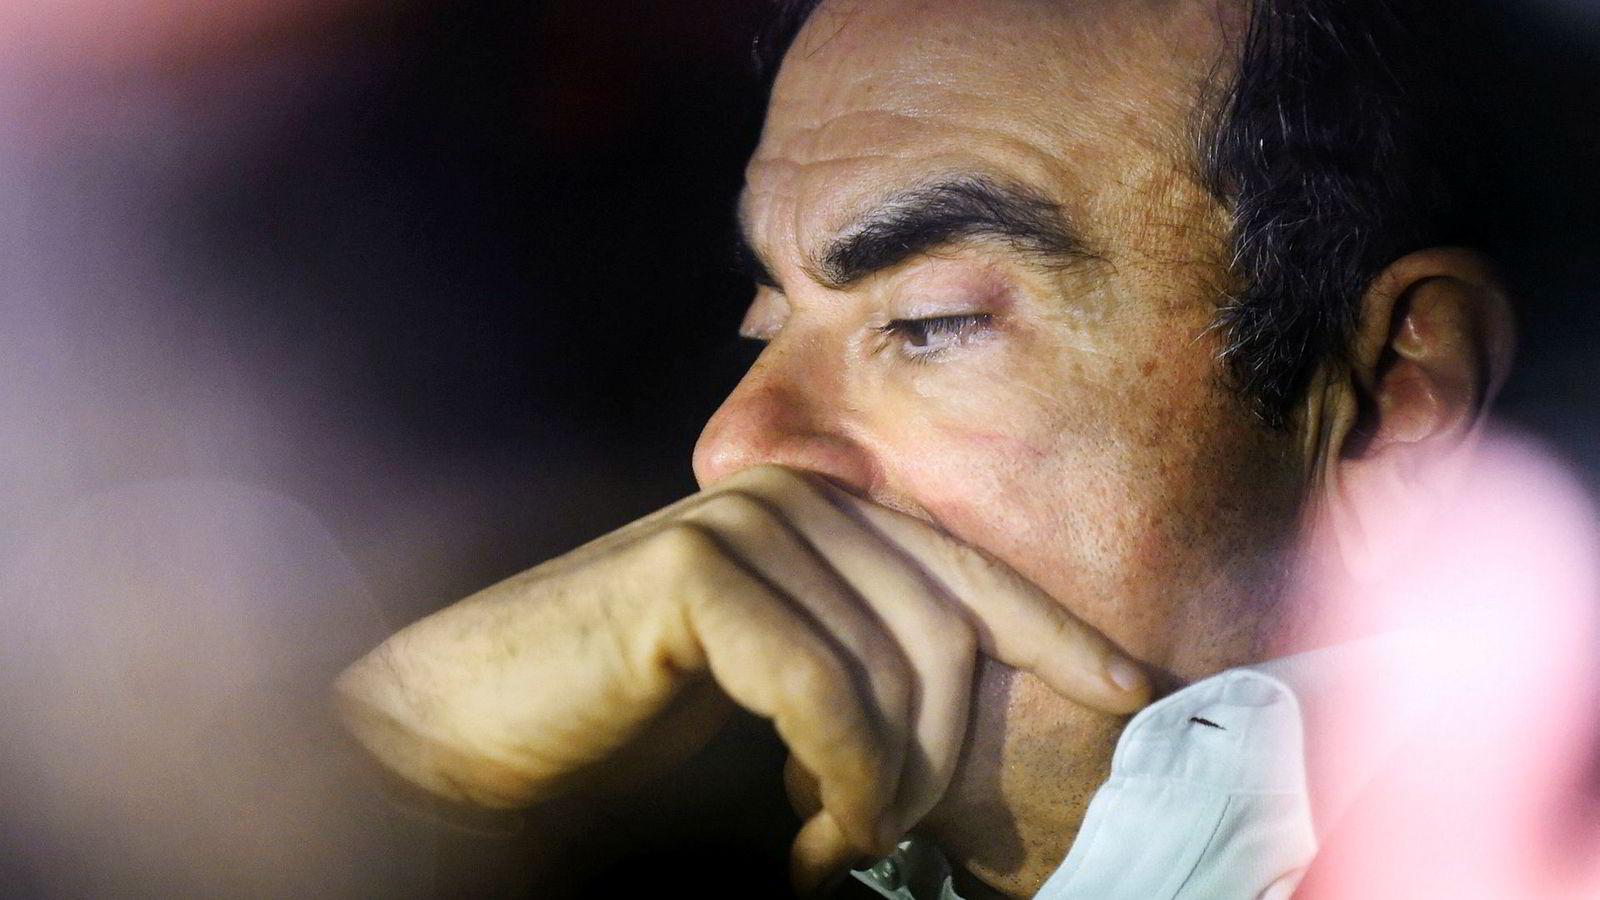 Nissan Motors tidligere toppsjef er tilbake i fengsel med nye tiltaler mot seg. På en ekstraordinær generalforsamling ble han formelt fratatt alle verv i den japanske bilprodusenten.